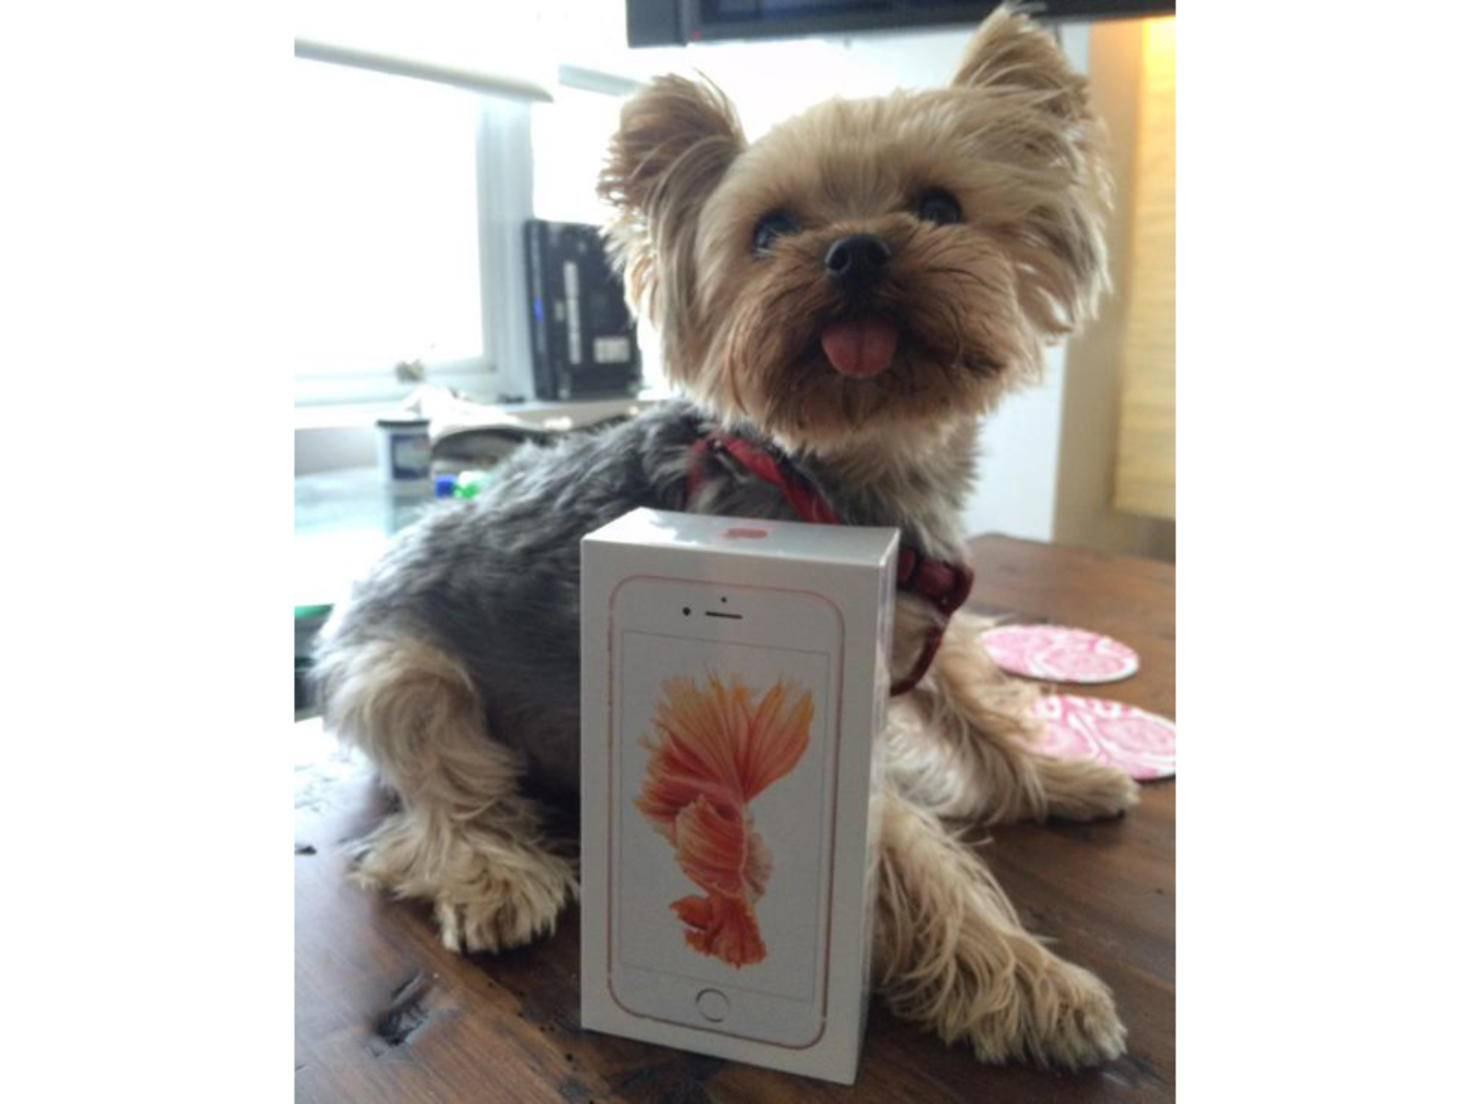 Das neue iPhone 6s von Adrienne Alpern (+ Hund).